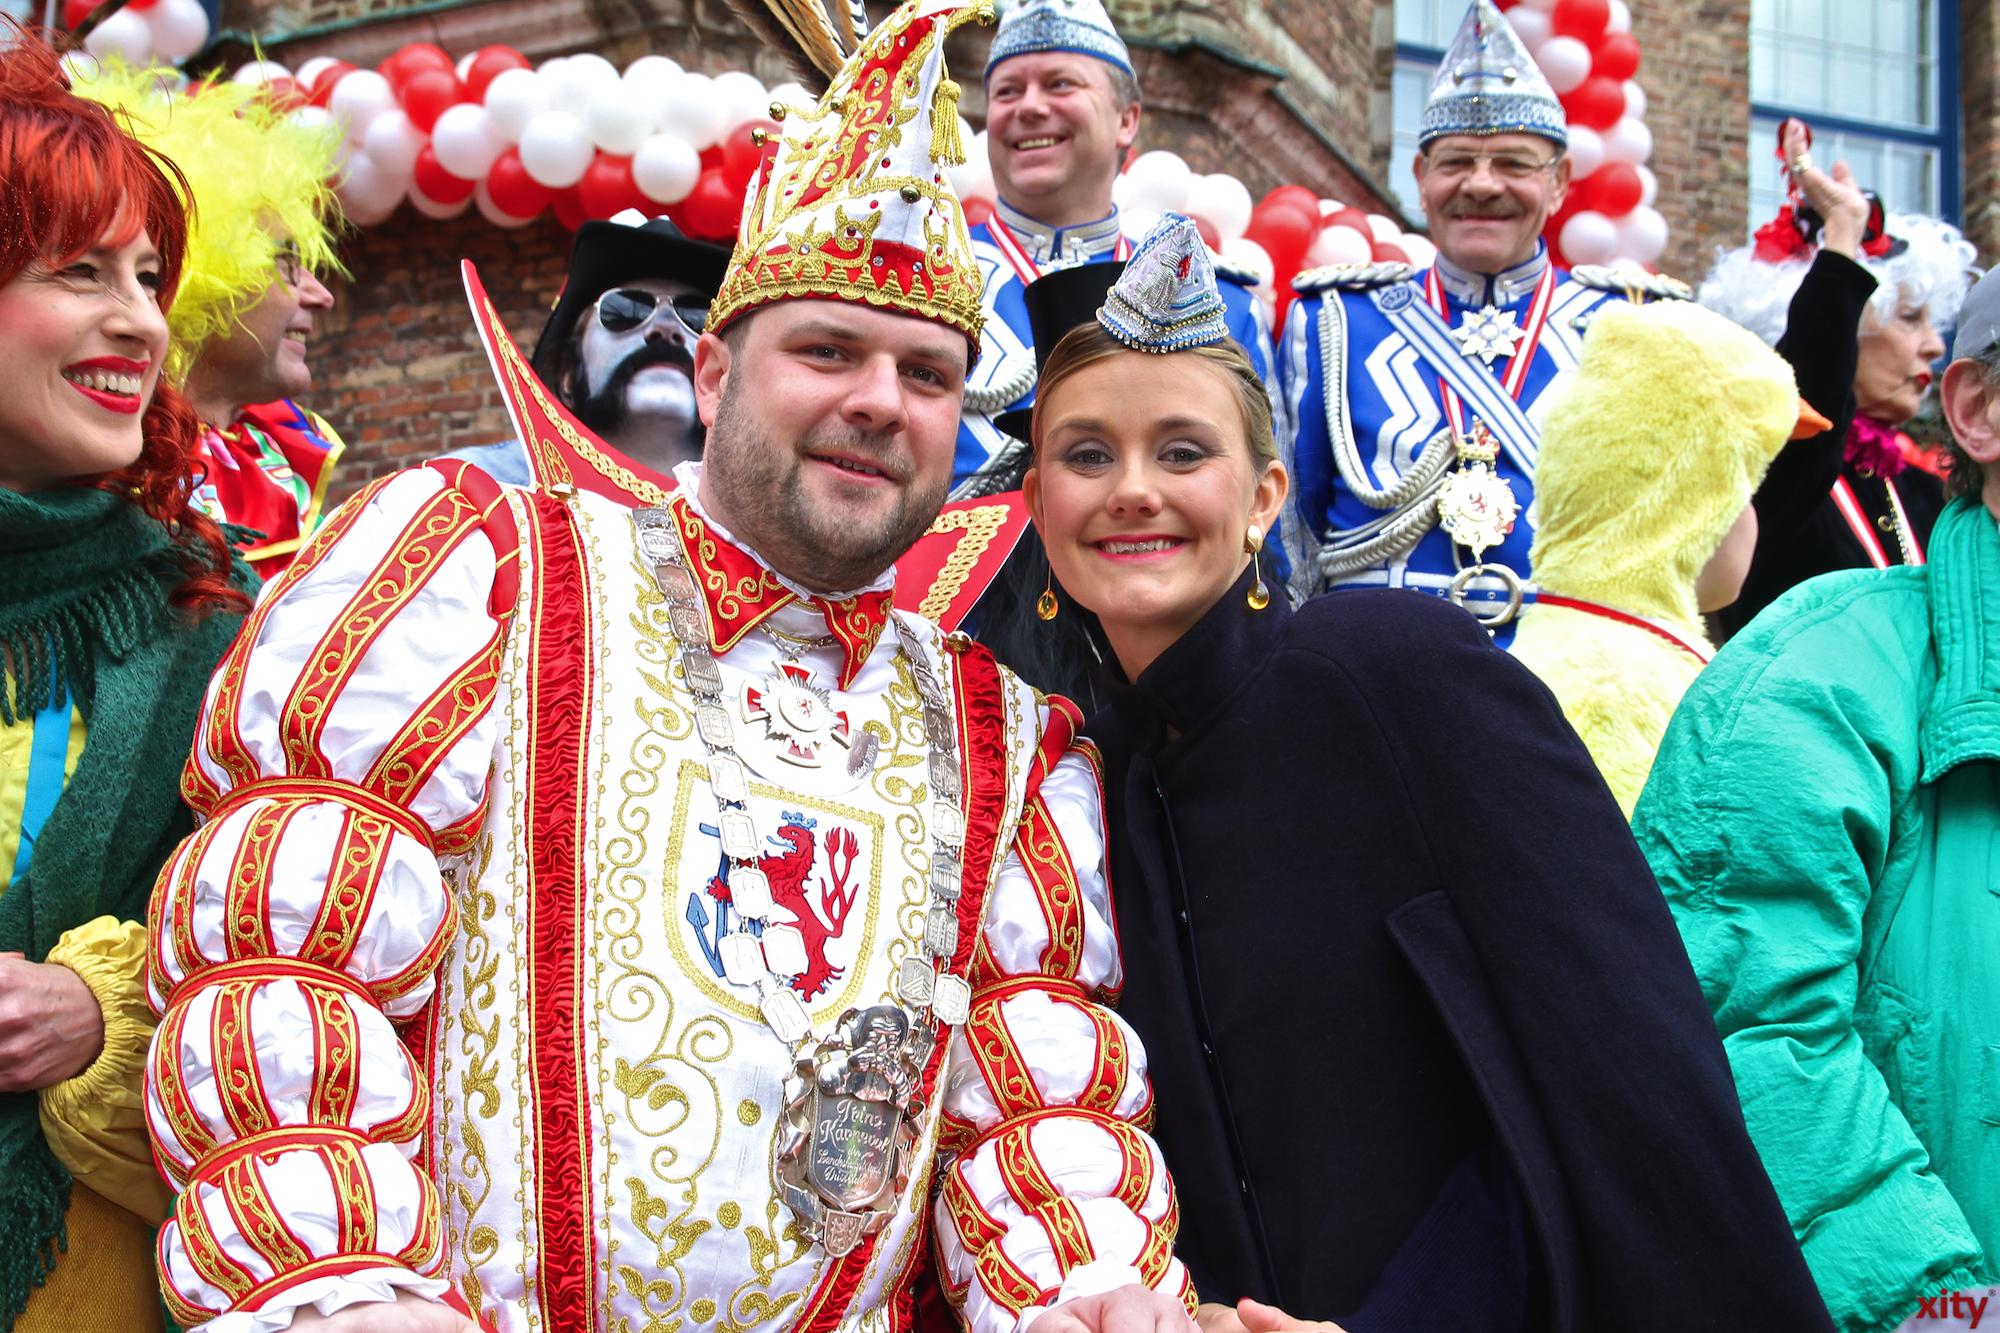 Hanni I. und seine Venetia Sara waren das Prinzenpaar der Session 2015/2016 (Foto: xity)